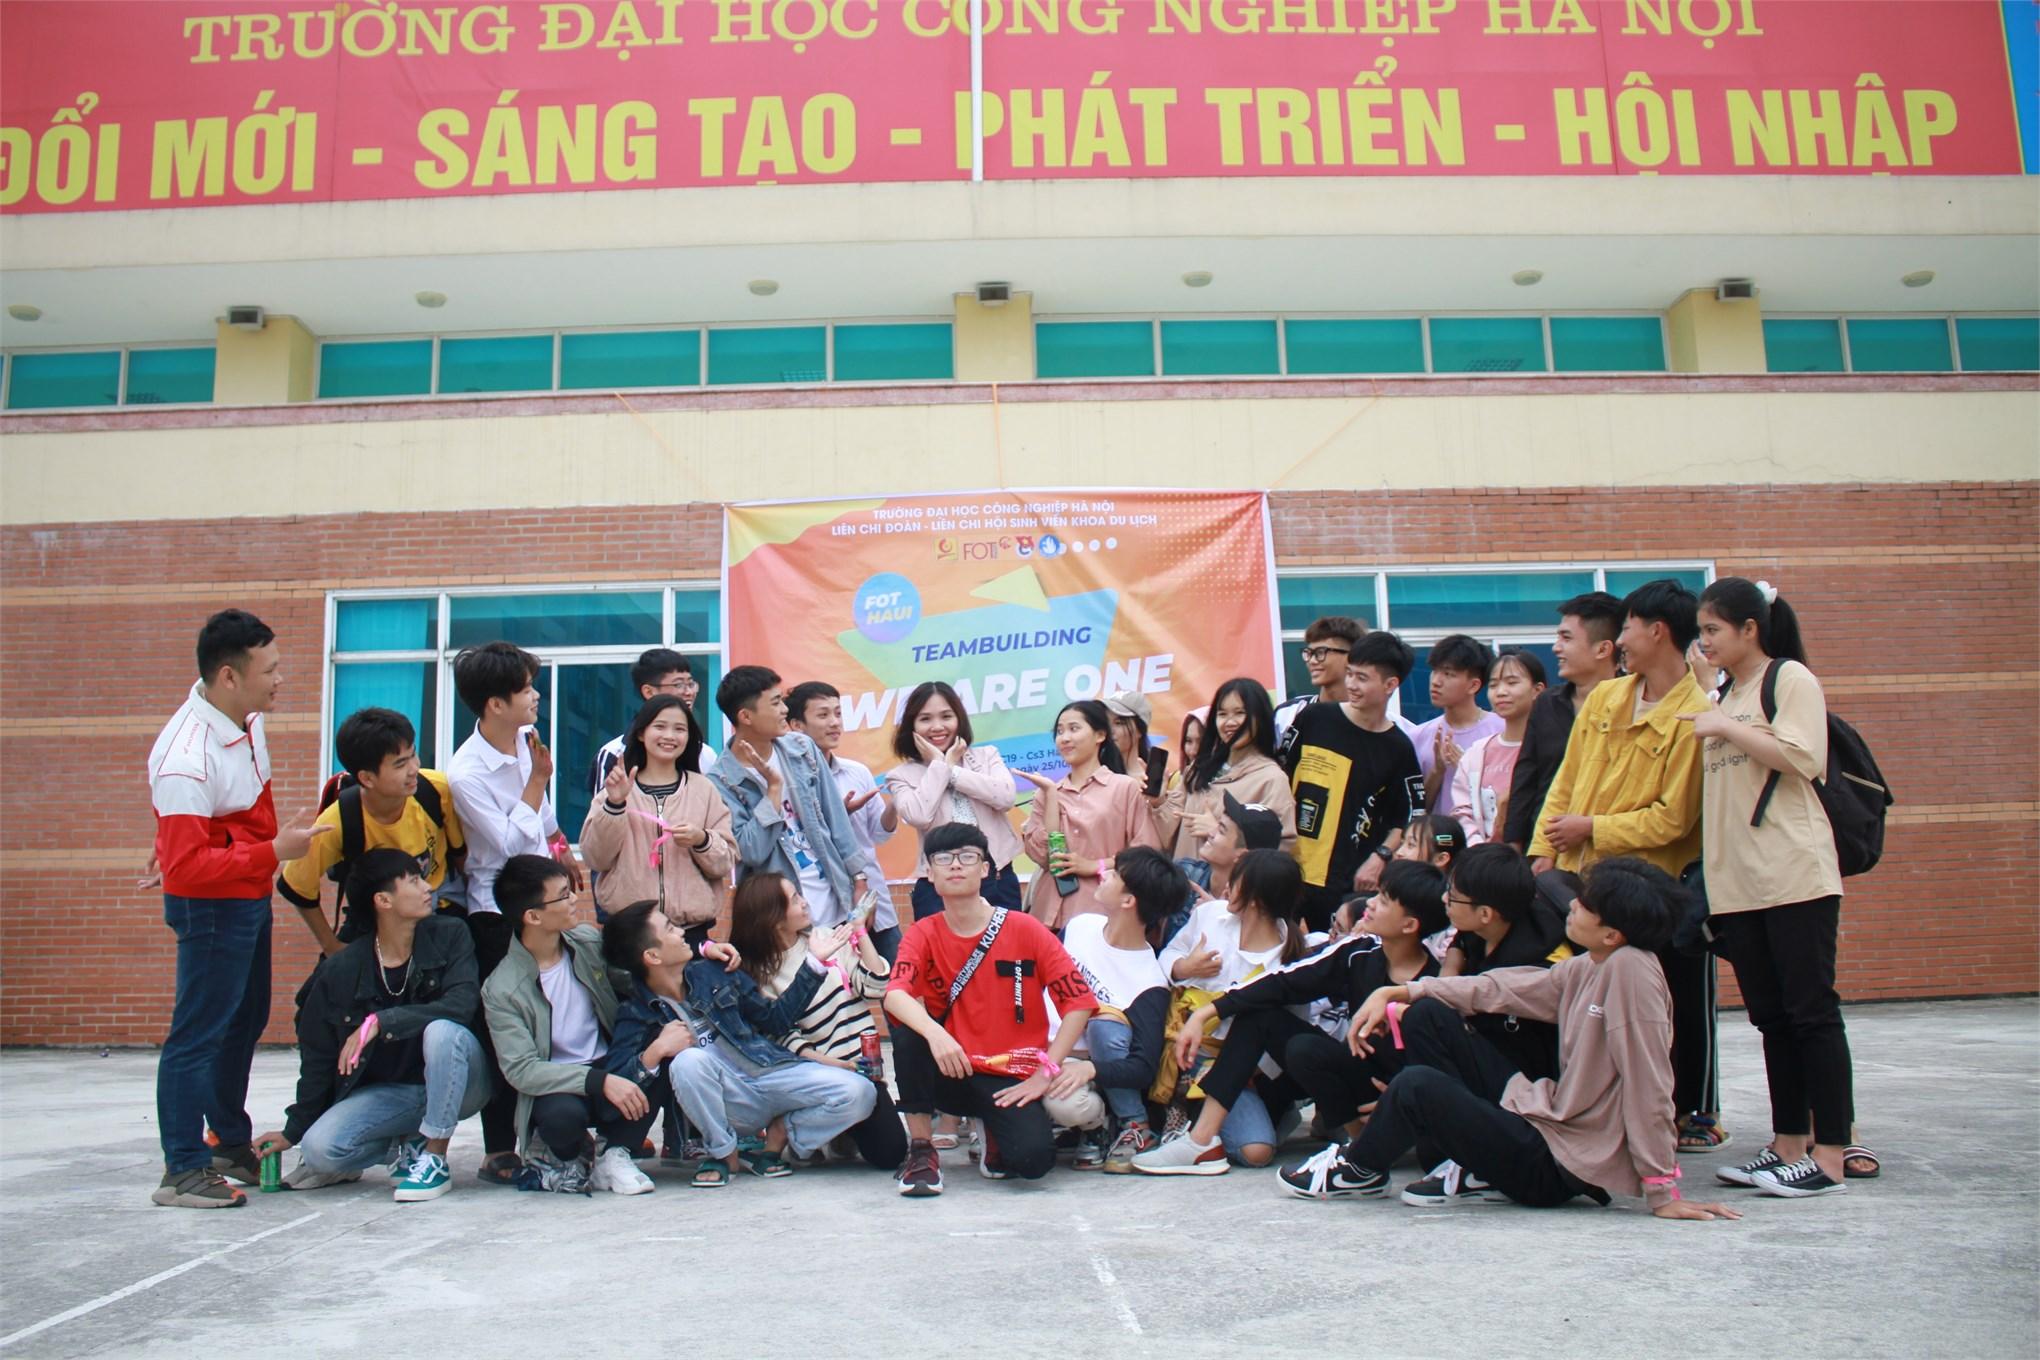 Tưng bừng và ấn tượng Chào tân sinh viên Khóa 15 Khoa Du lịch